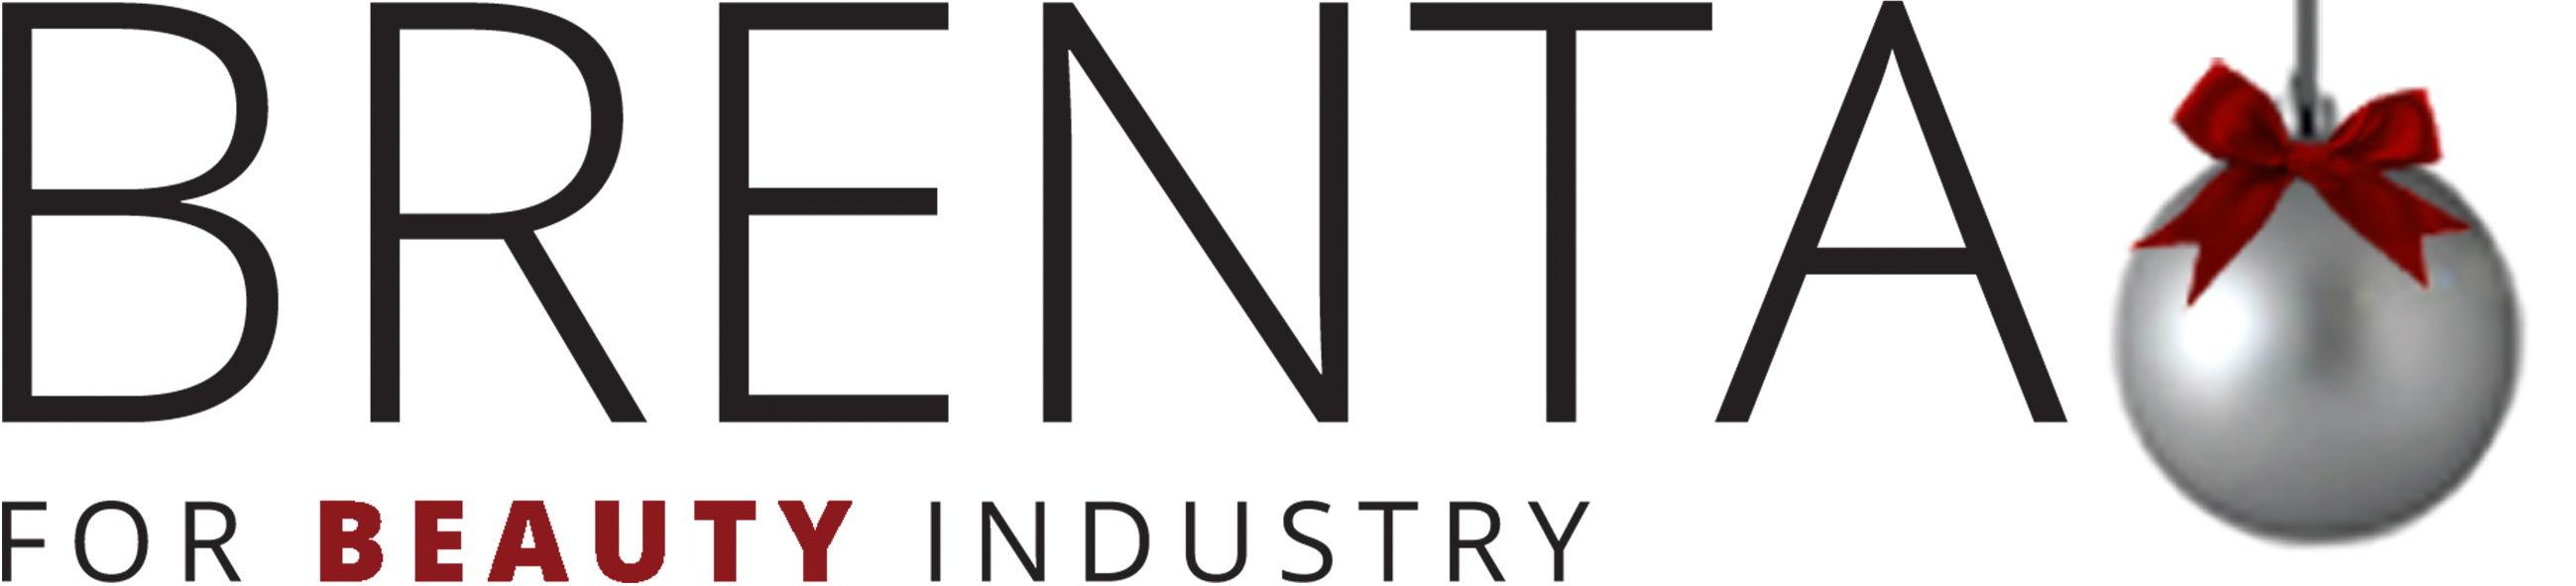 Интернет-магазин BRENTA | Аксессуары, инструменты, оборудование для салонов красоты и SPA